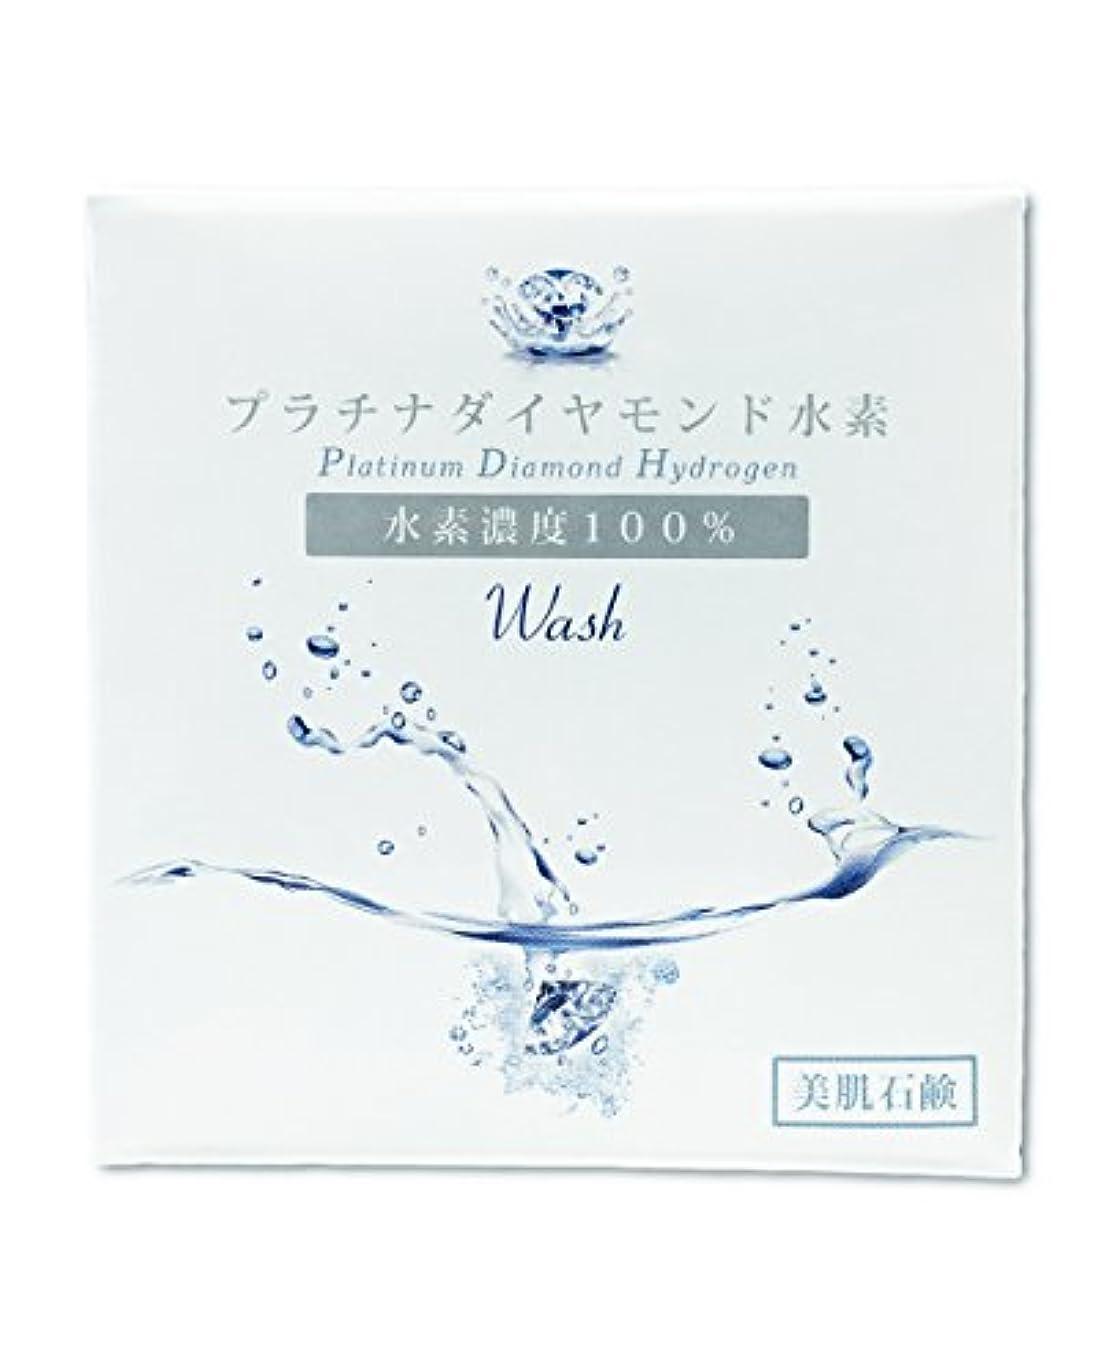 危険を冒します調整するボルト水素石鹸 プラチナダイヤモンド水素Wash